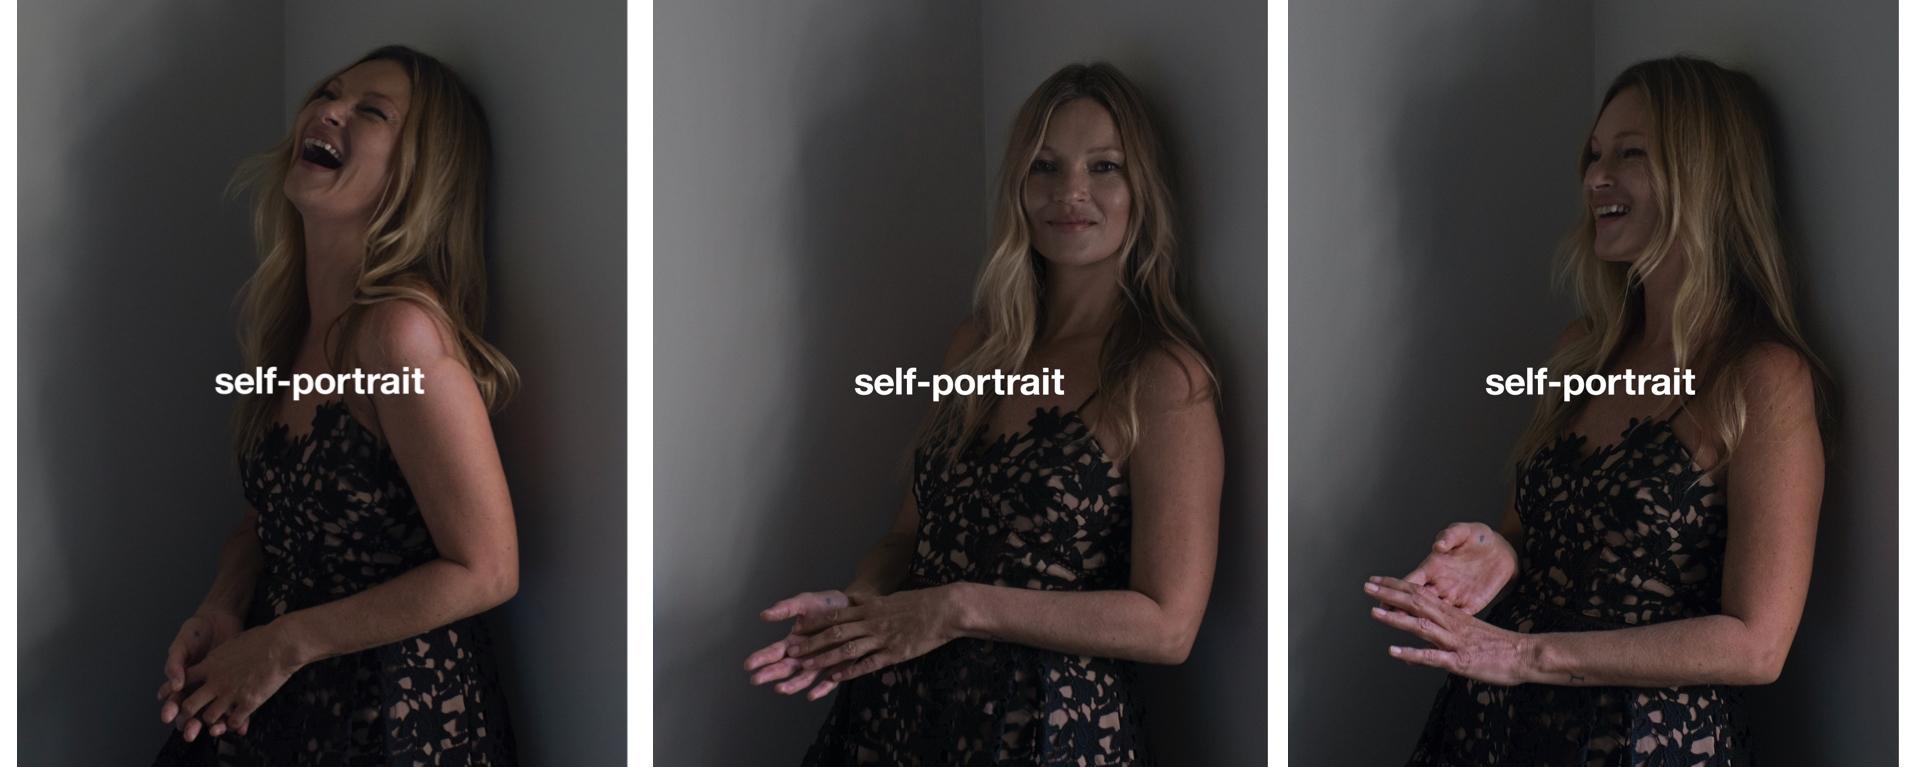 Кейт Мосс стала главной героиней рекламной кампании Self-Portrait (ФОТО) - фото №2